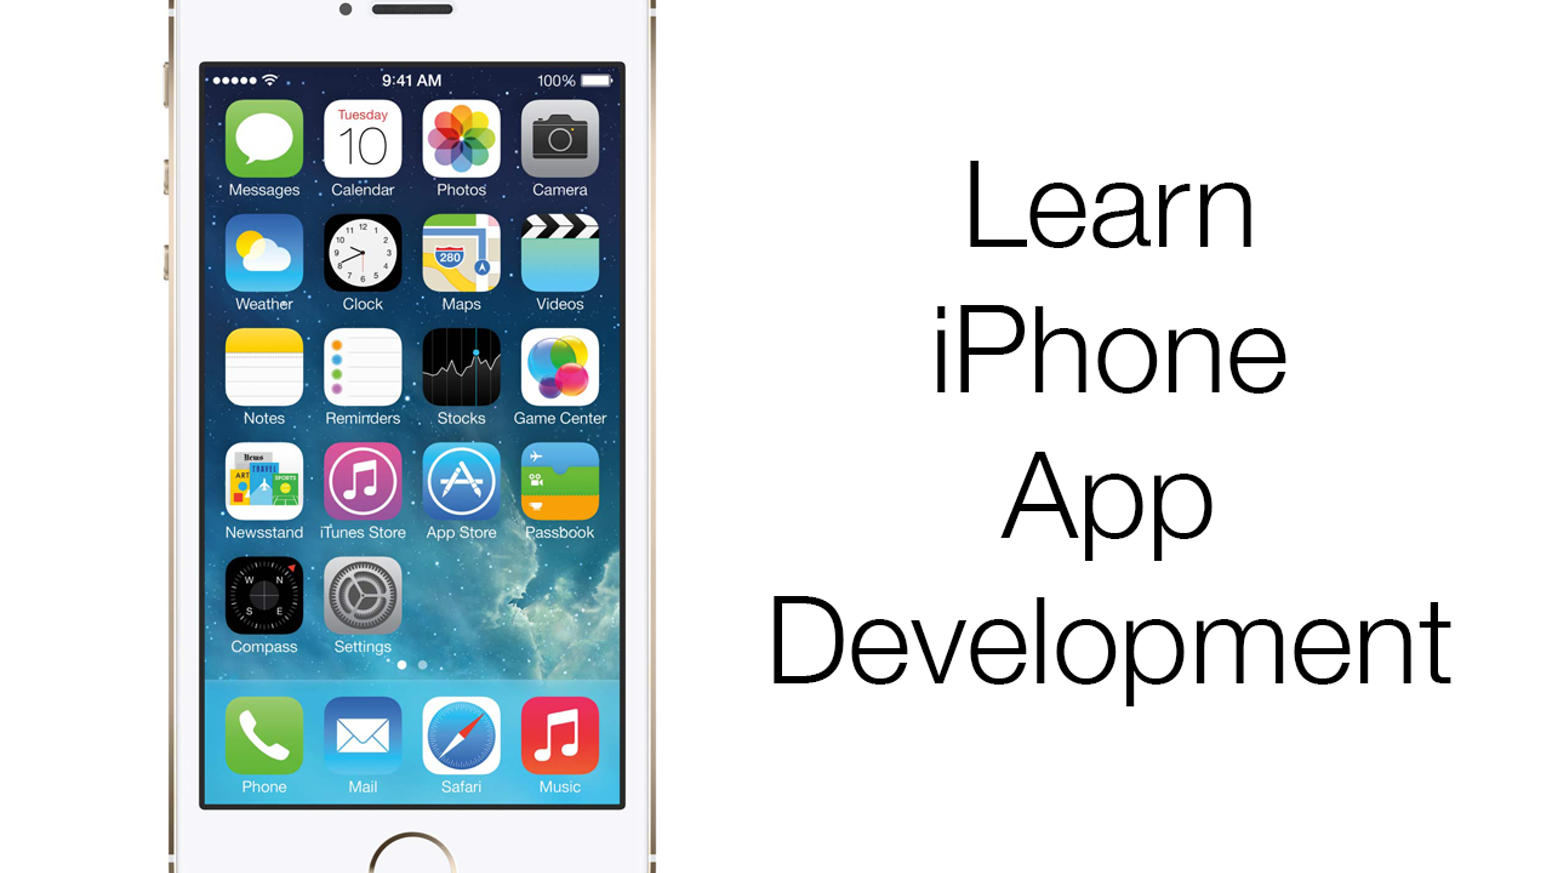 Learn iPhone App Development by Taylor Beck — Kickstarter